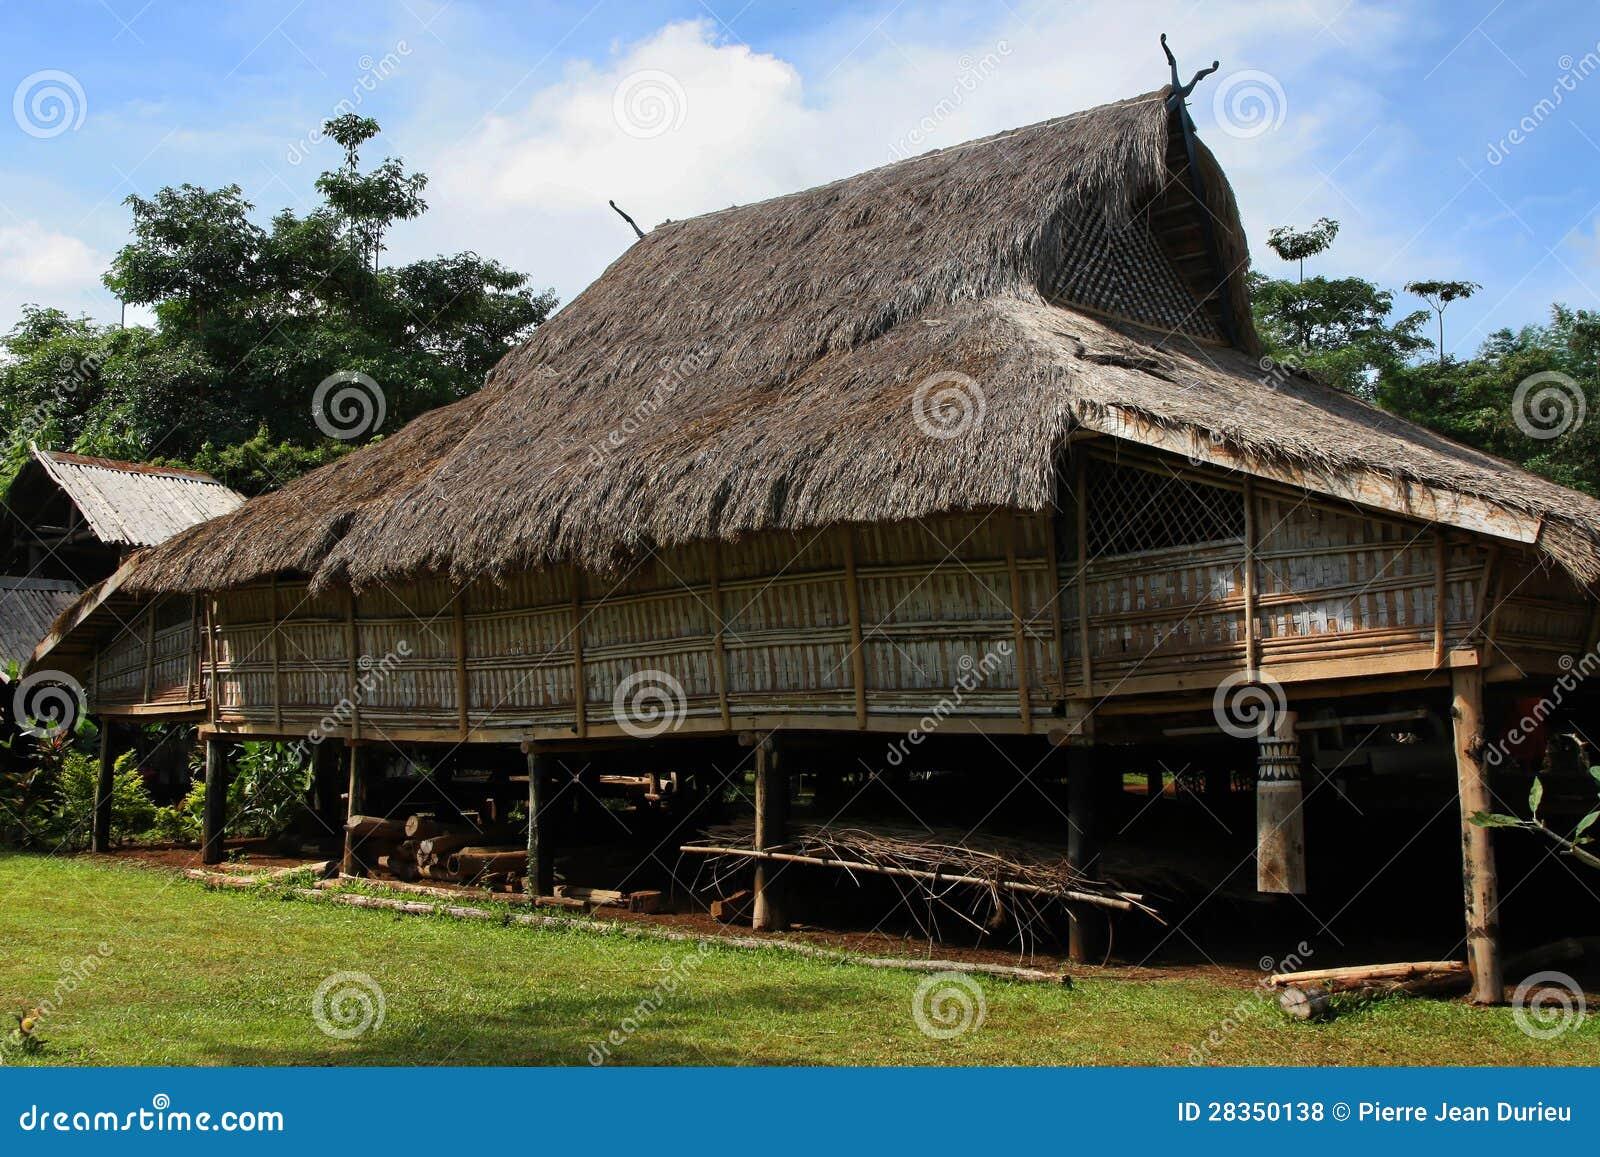 Maison traditionnelle de village dans les laotiens du sud for Maison traditionnelle laos